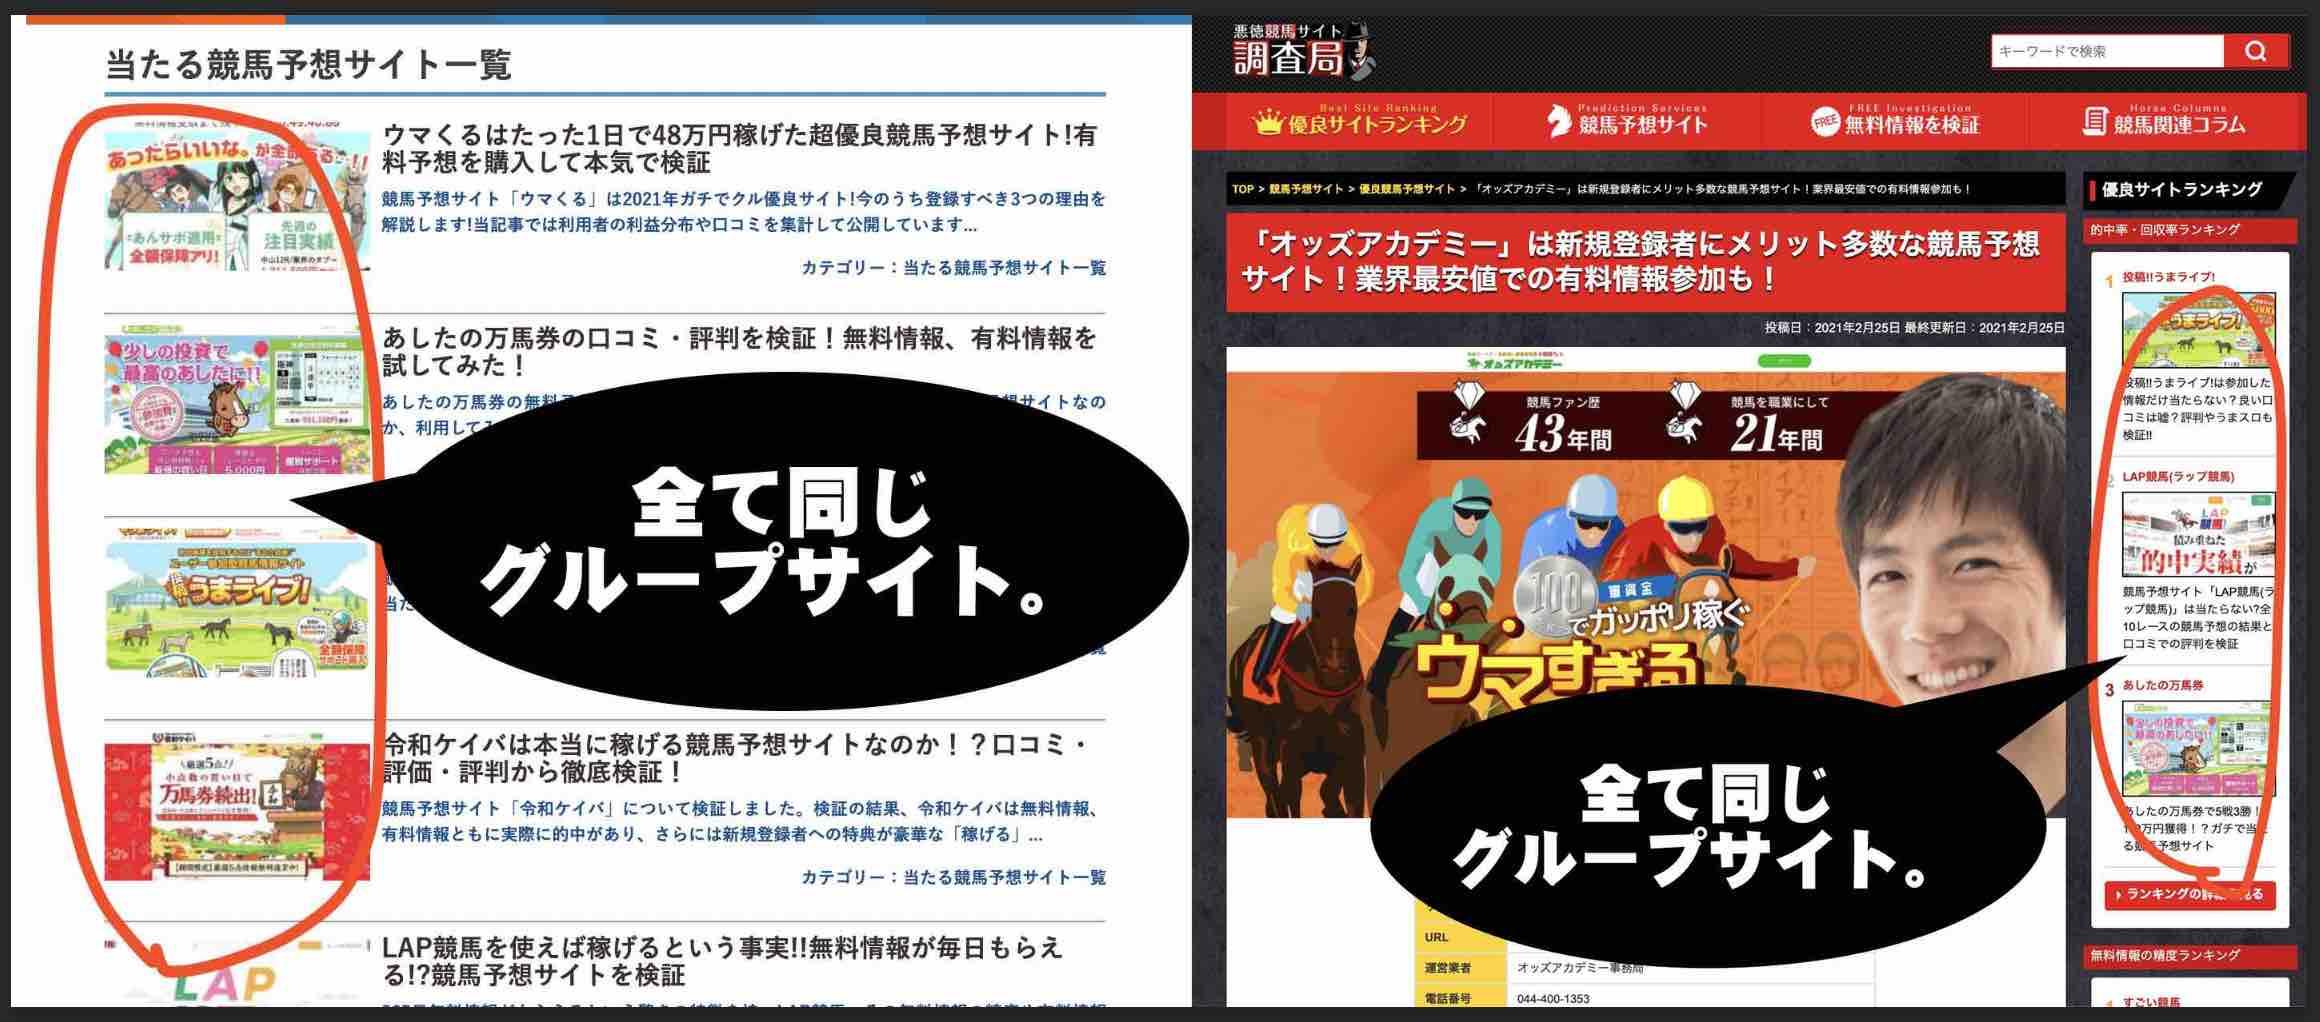 オッズアカデミーという競馬予想サイトを高評価する検証サイト2つの共通点